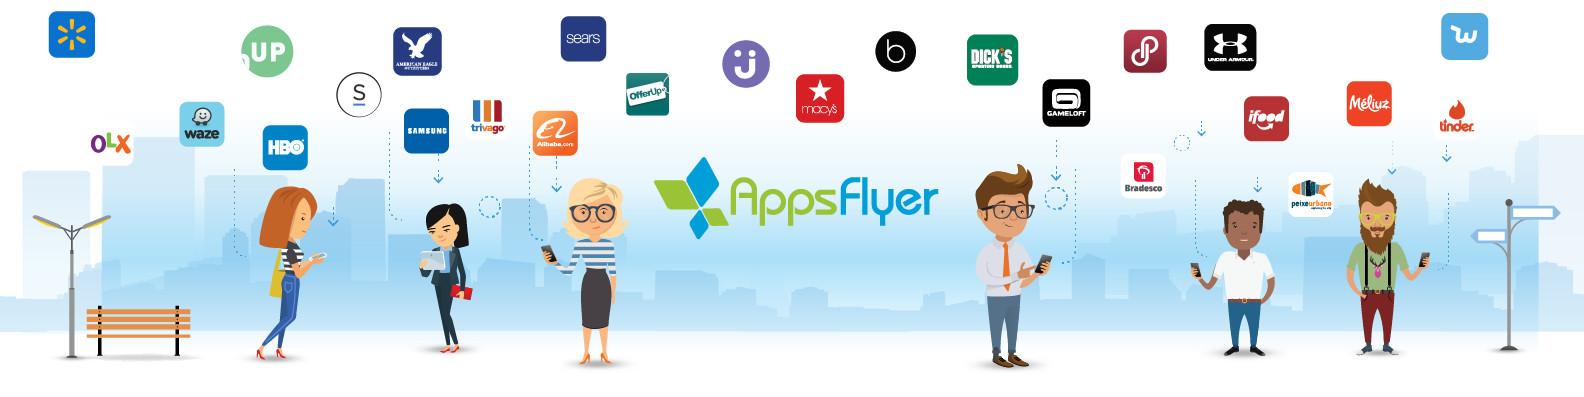 AppsFlyer arrecada US$210 milhões e coloca a atribuição como core business entre ferramentas de marketing